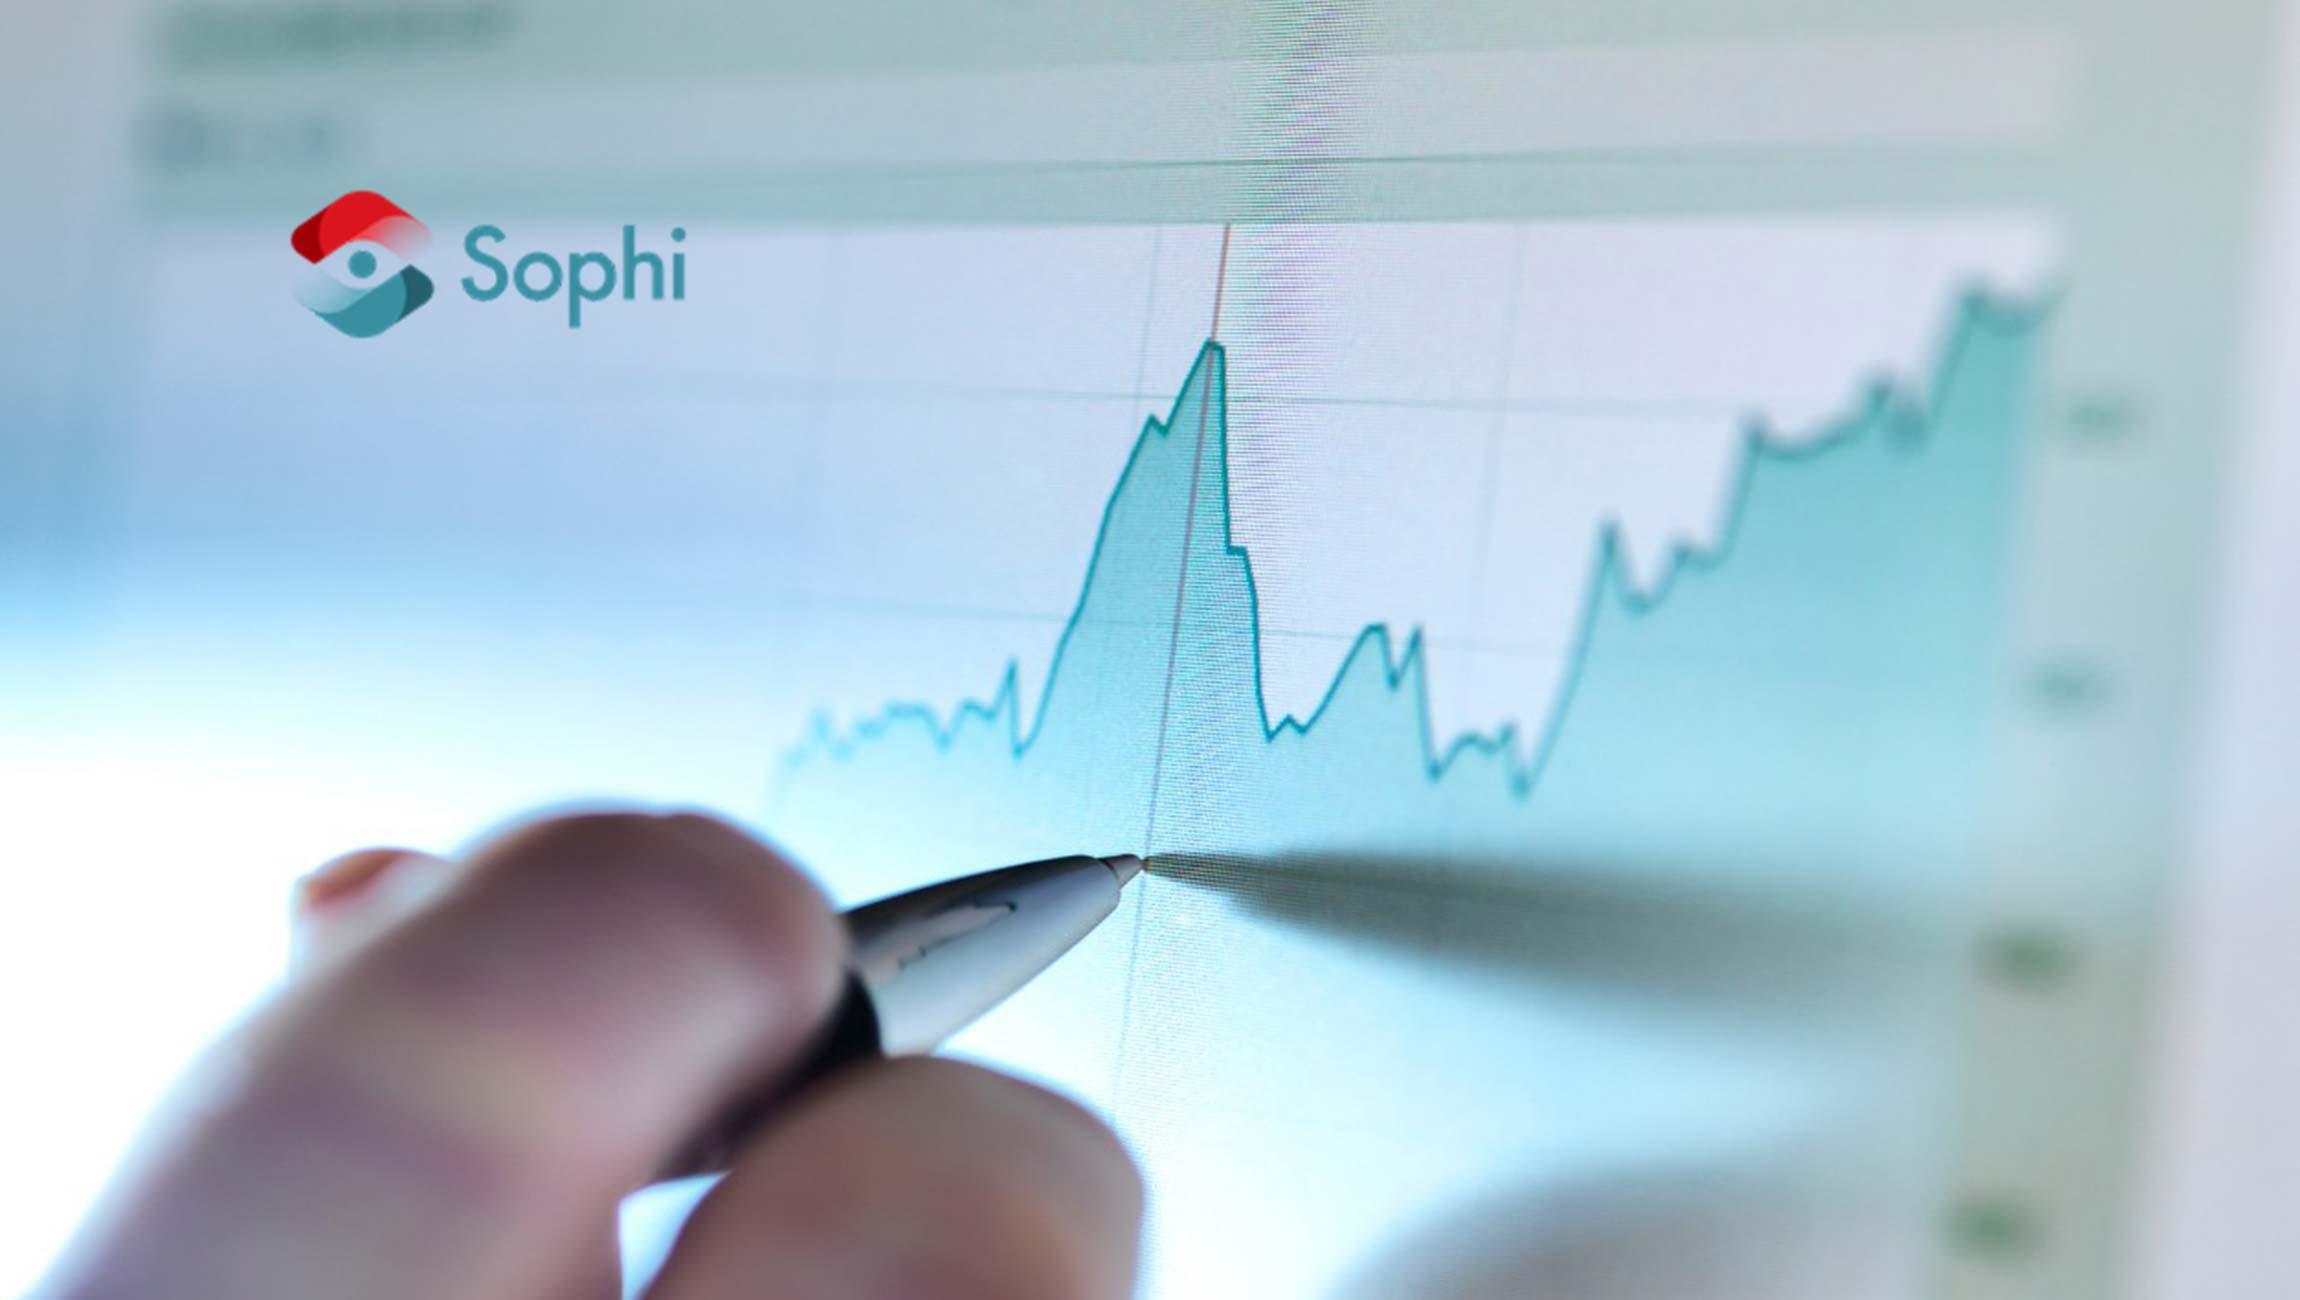 Arc Publishing Integrates Sophi.io, Bringing Content Publishers New Analytics and Automation Option 1